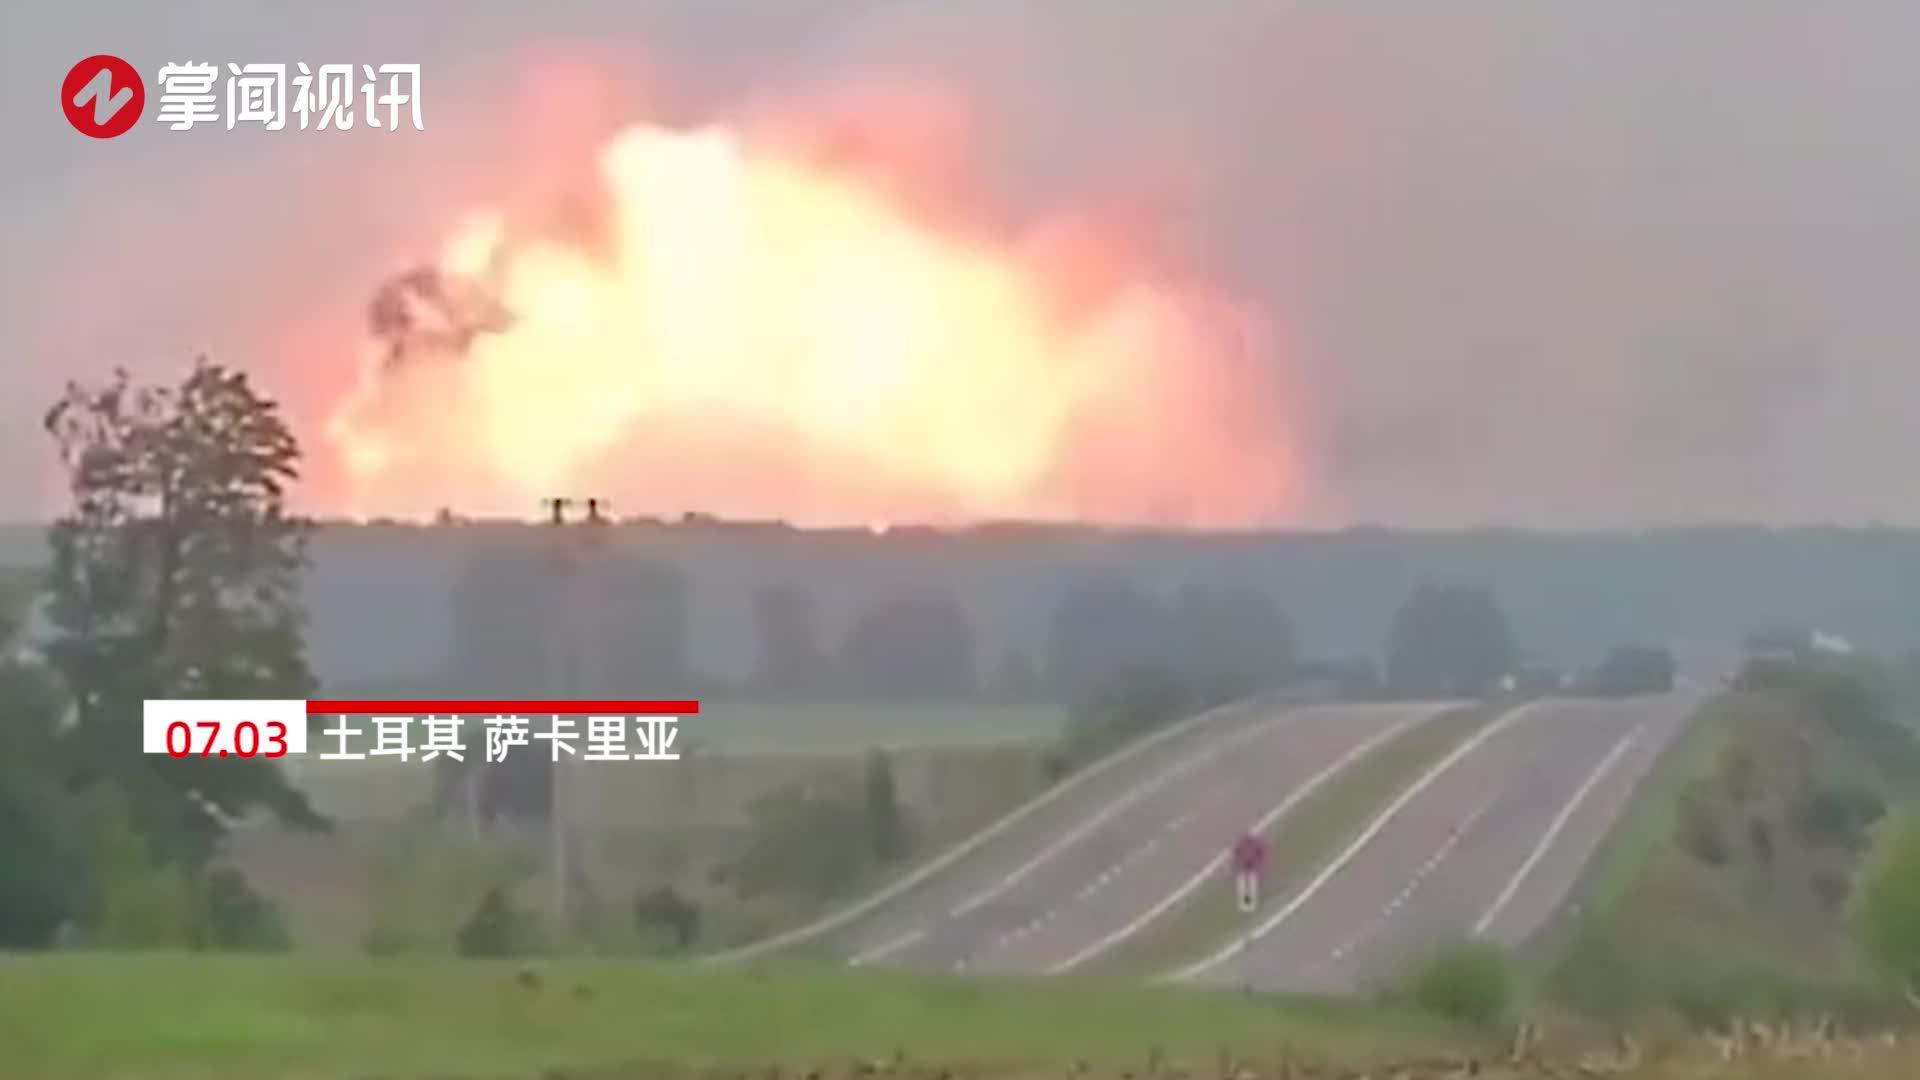 爆炸瞬间曝光!烟花厂腾起恐怖蘑菇云 致4人死亡超百人受伤